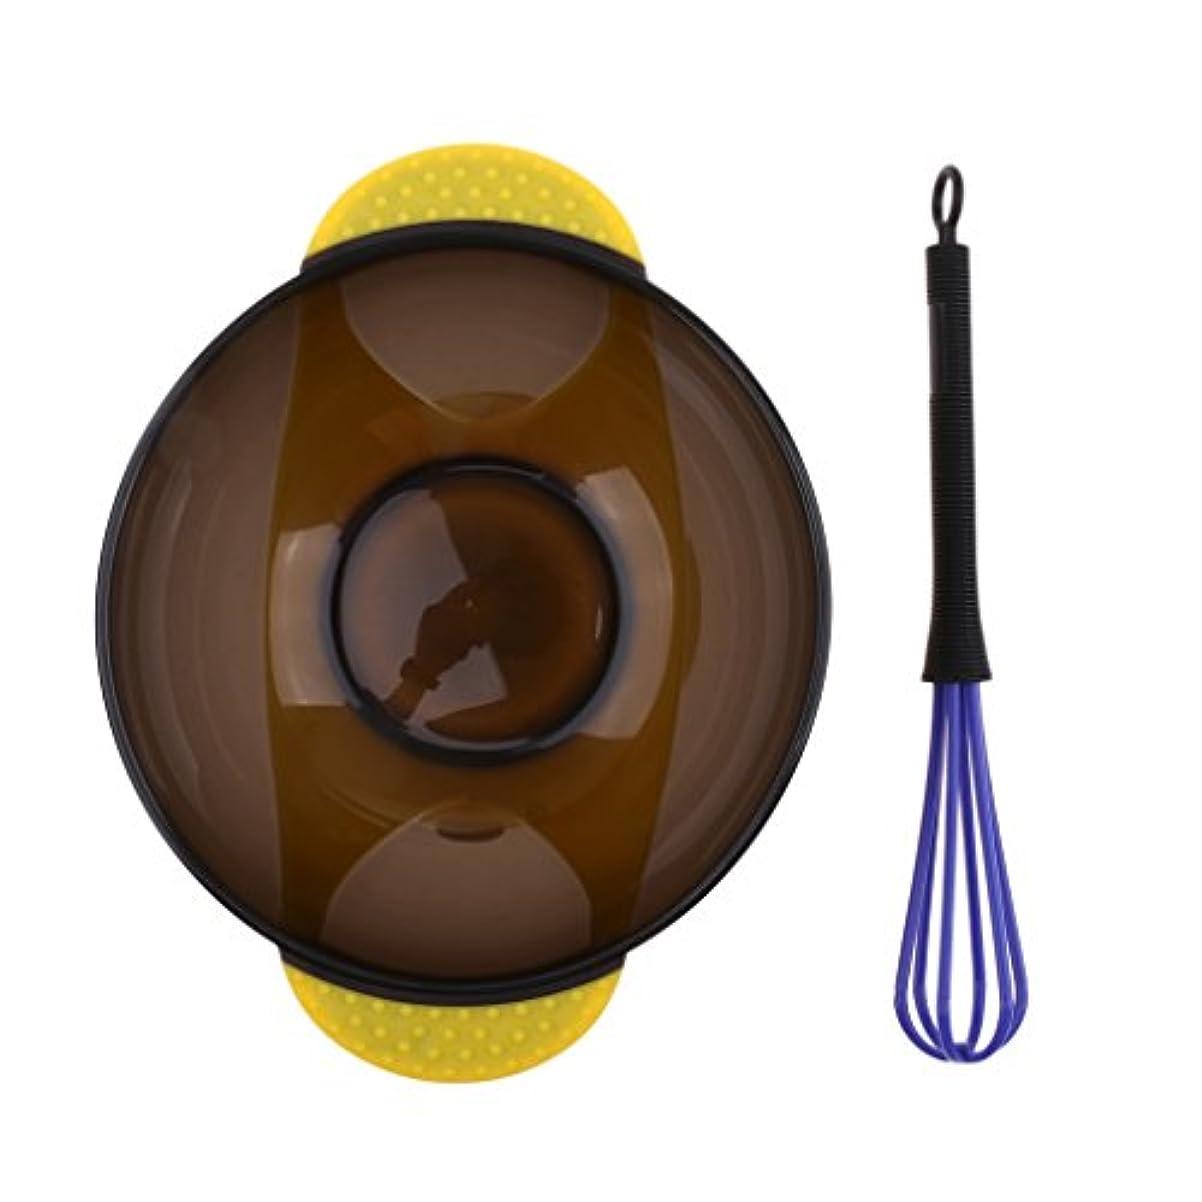 シガレット未使用カバレッジサロン ヘアカラー ミキシングボウル 理髪美容師用 プラスチックボウル 着色ツール